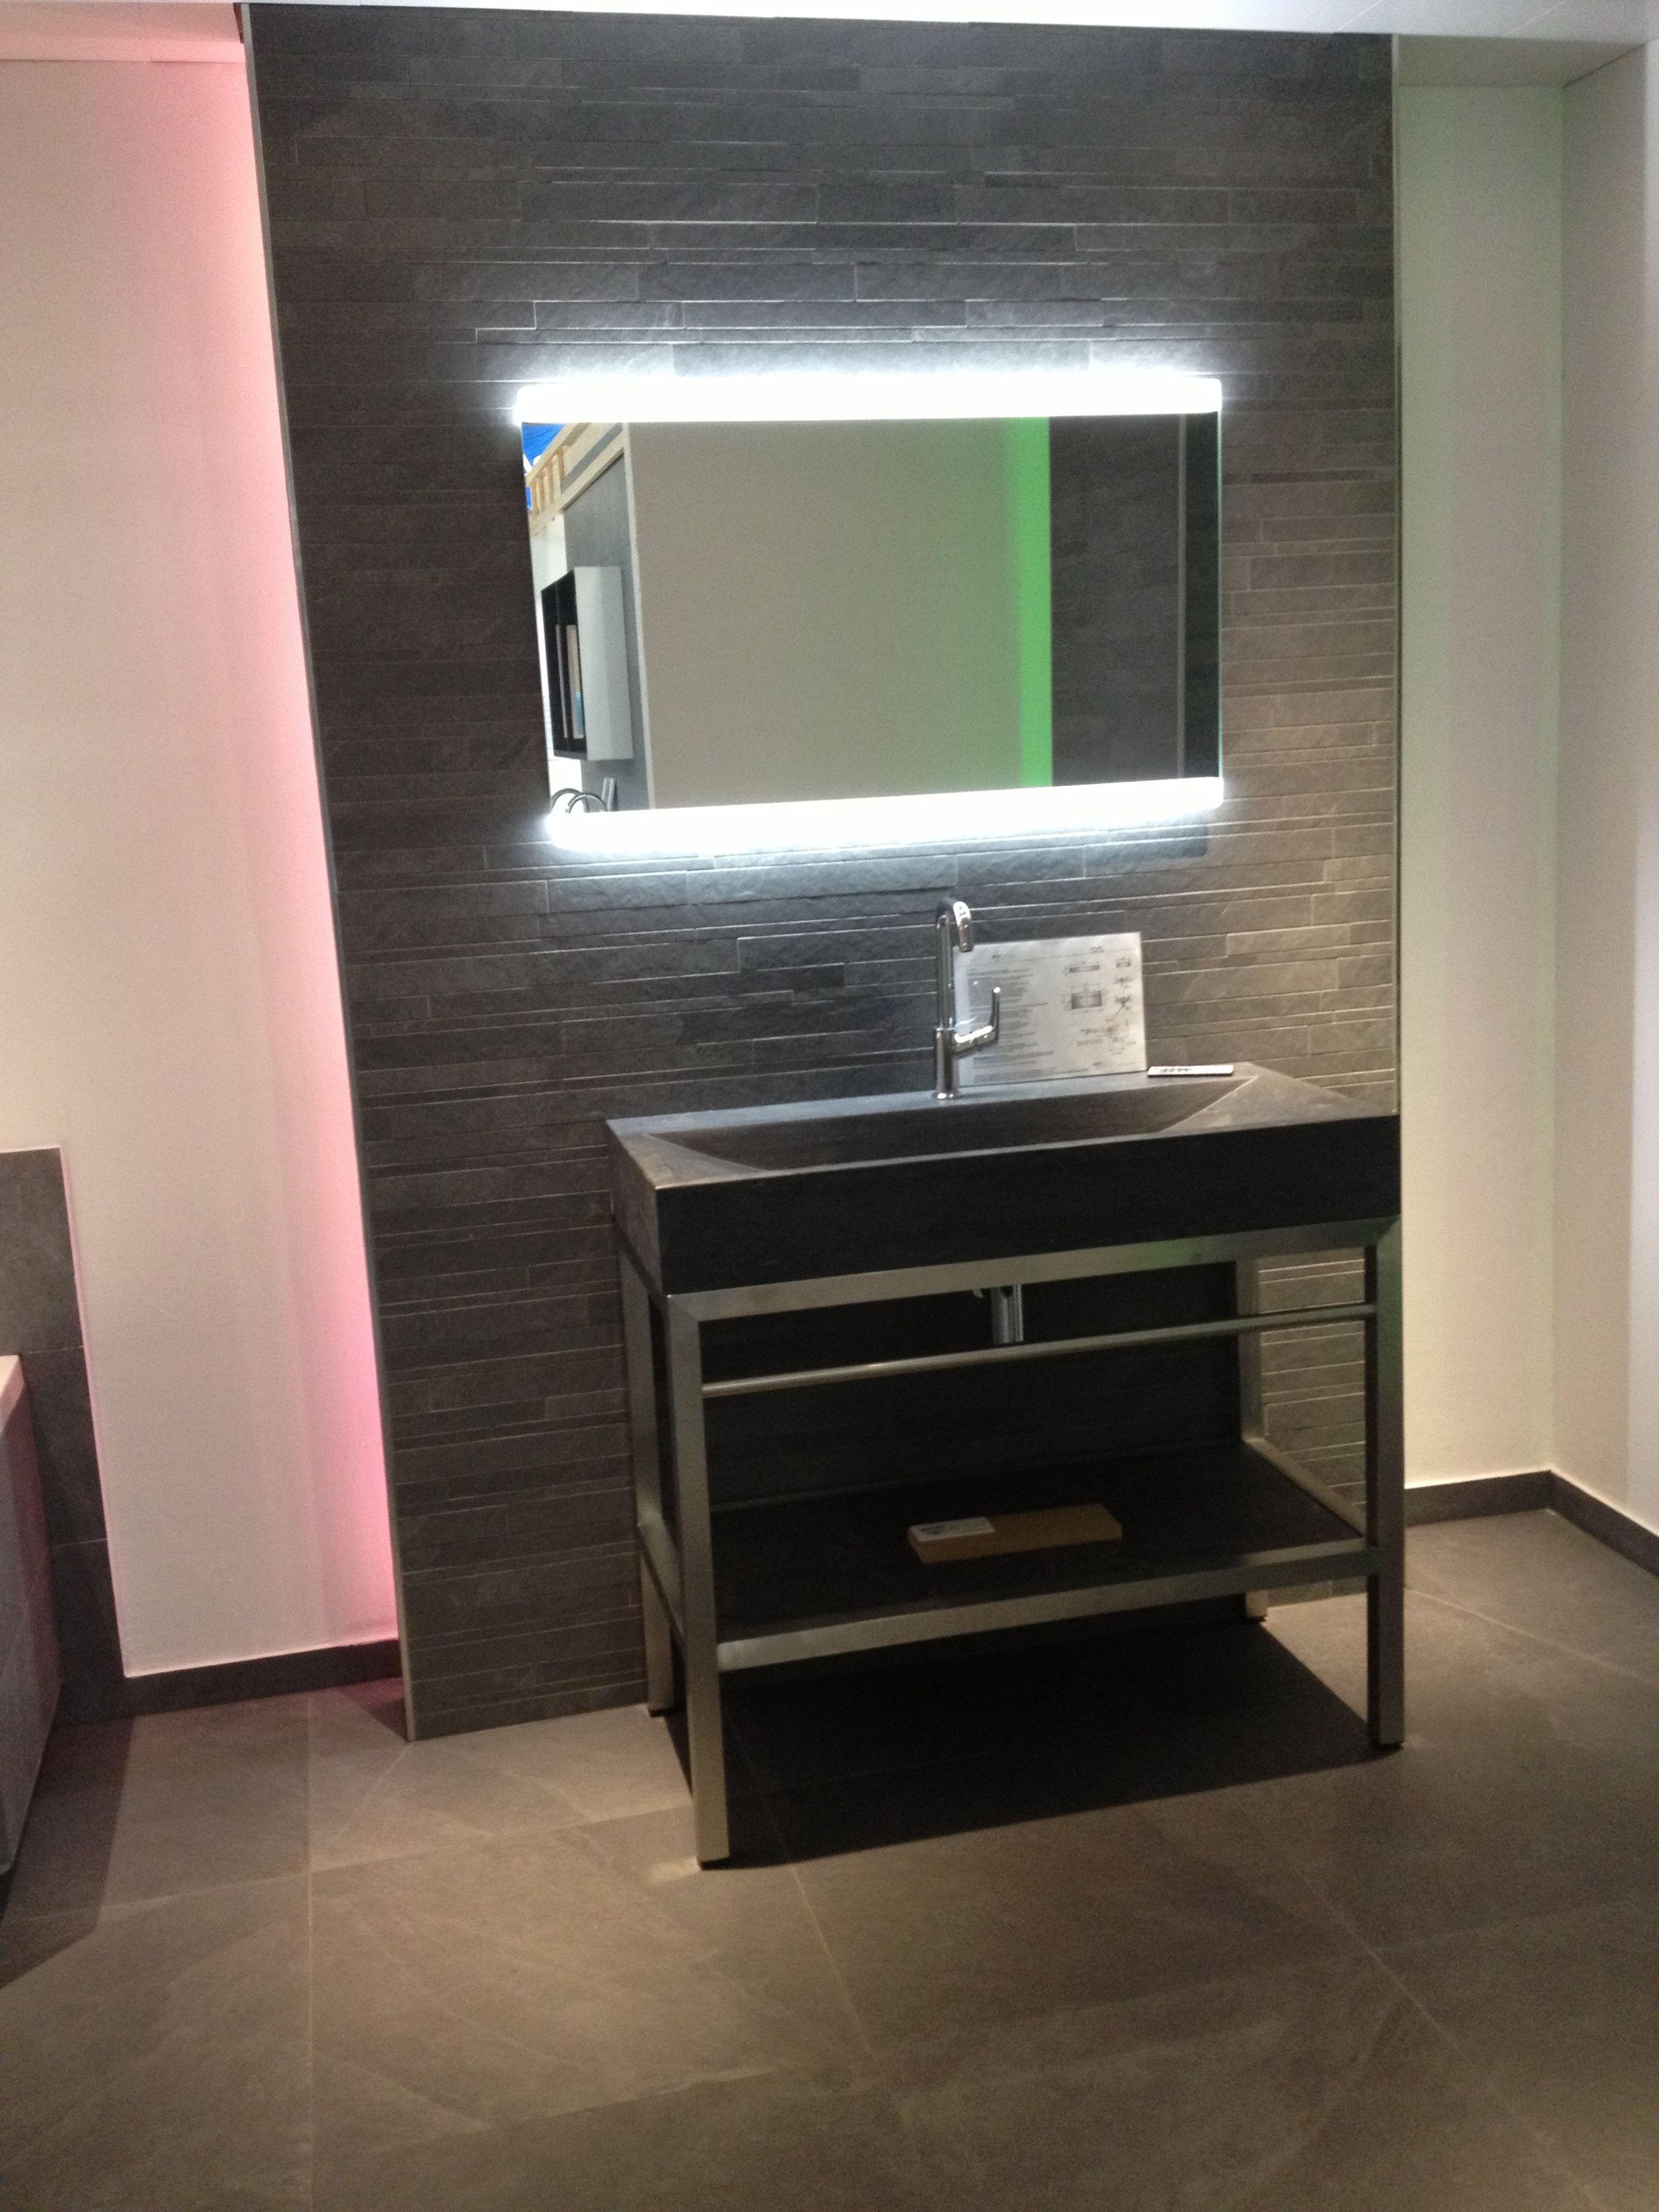 fliesen in natursteinoptik xl style ardosia grigio mit mosaik an der wand spiegel mit. Black Bedroom Furniture Sets. Home Design Ideas